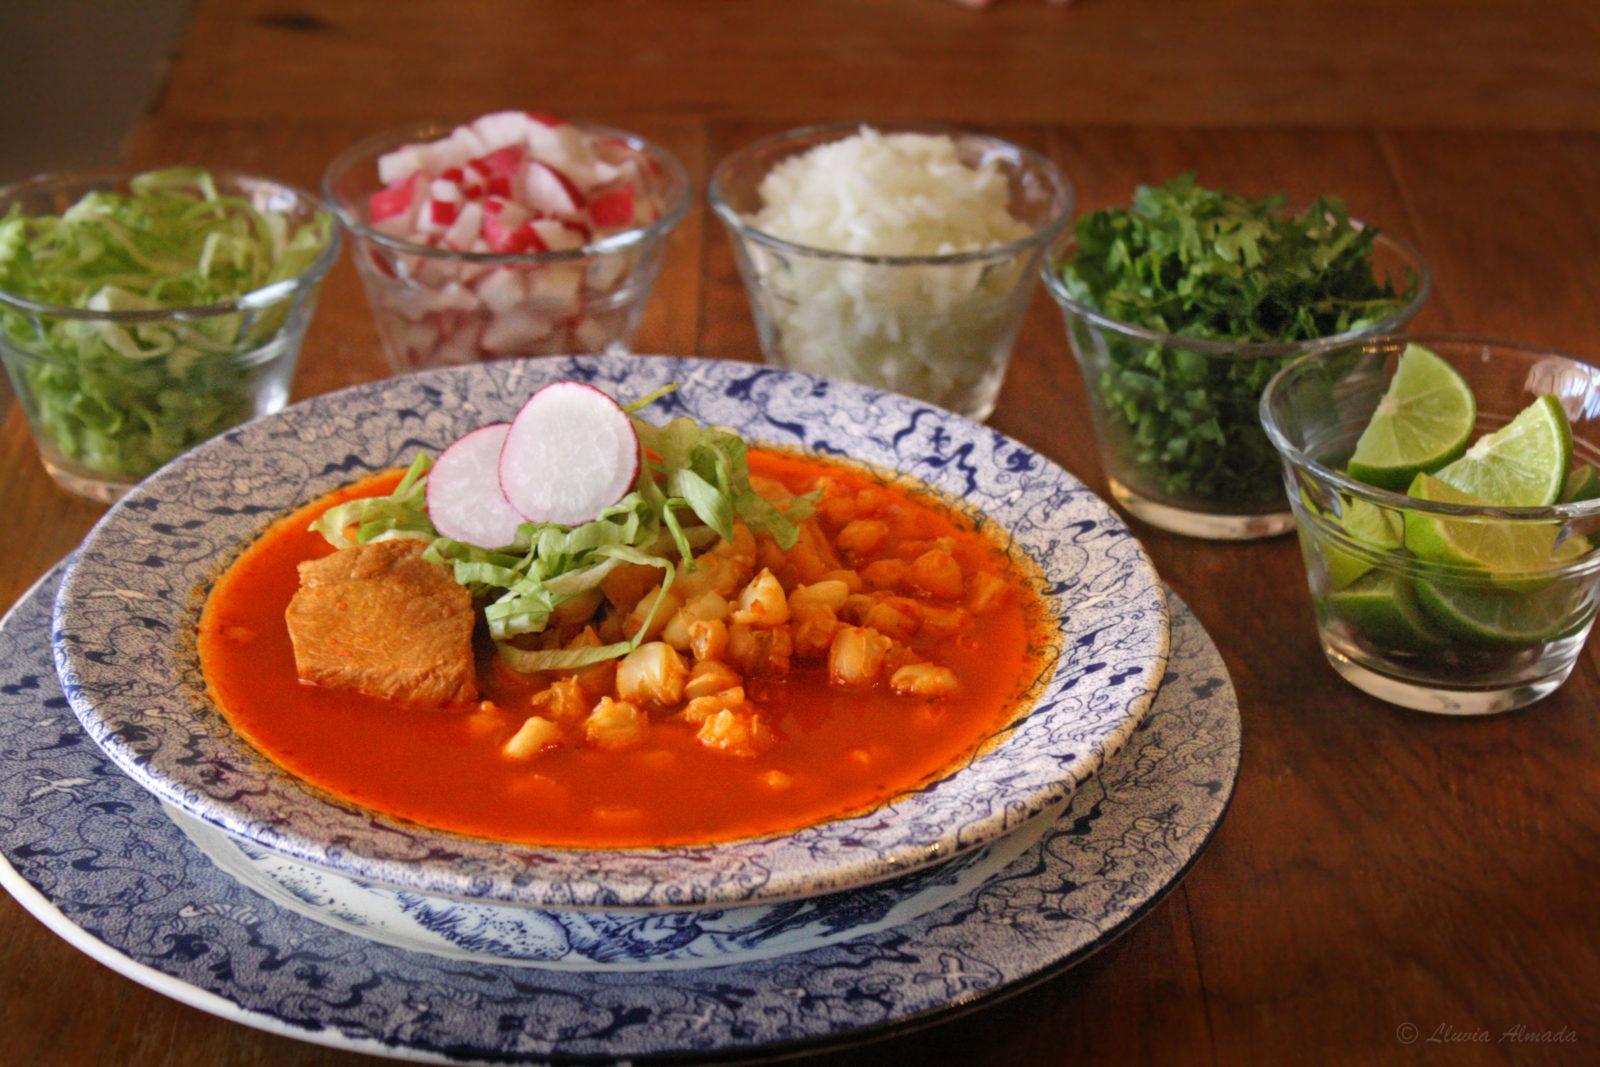 En cocina identidad encontraras las mejores recetas de cocina tradicional mexicana